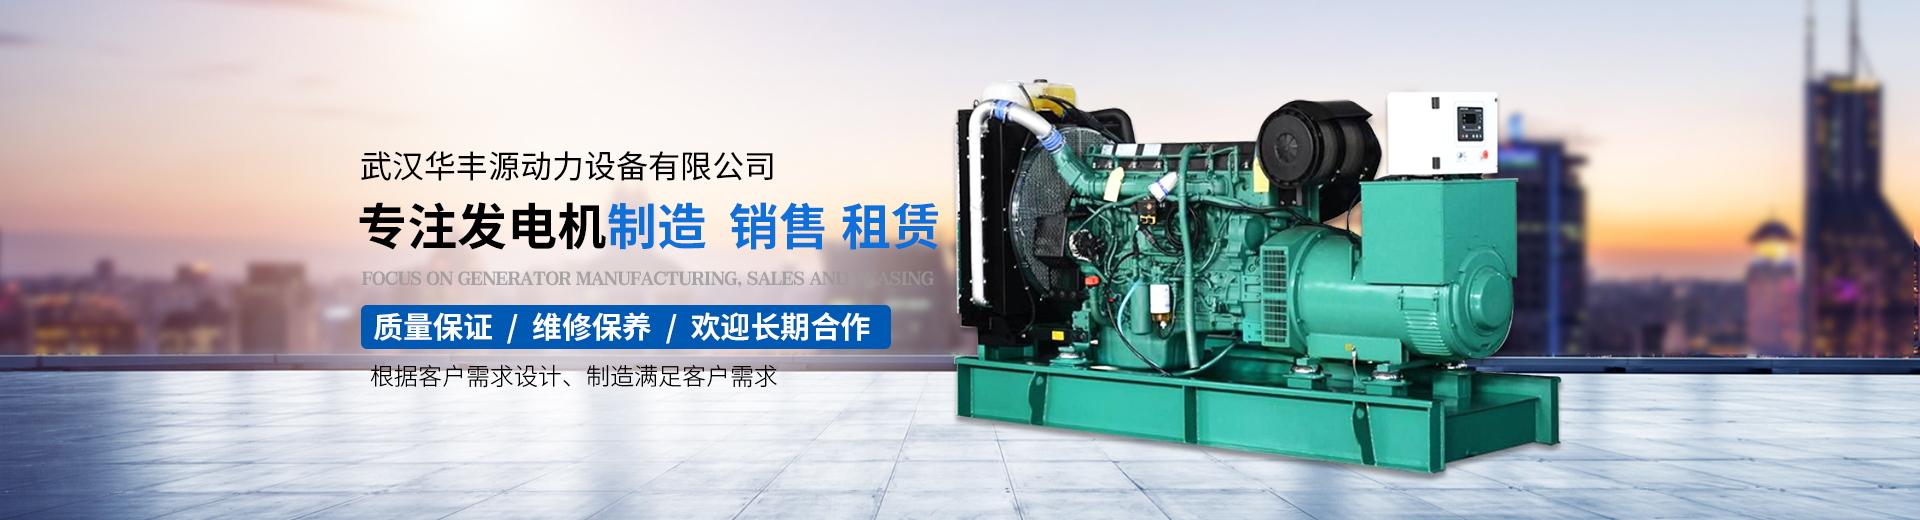 武汉发电机租赁